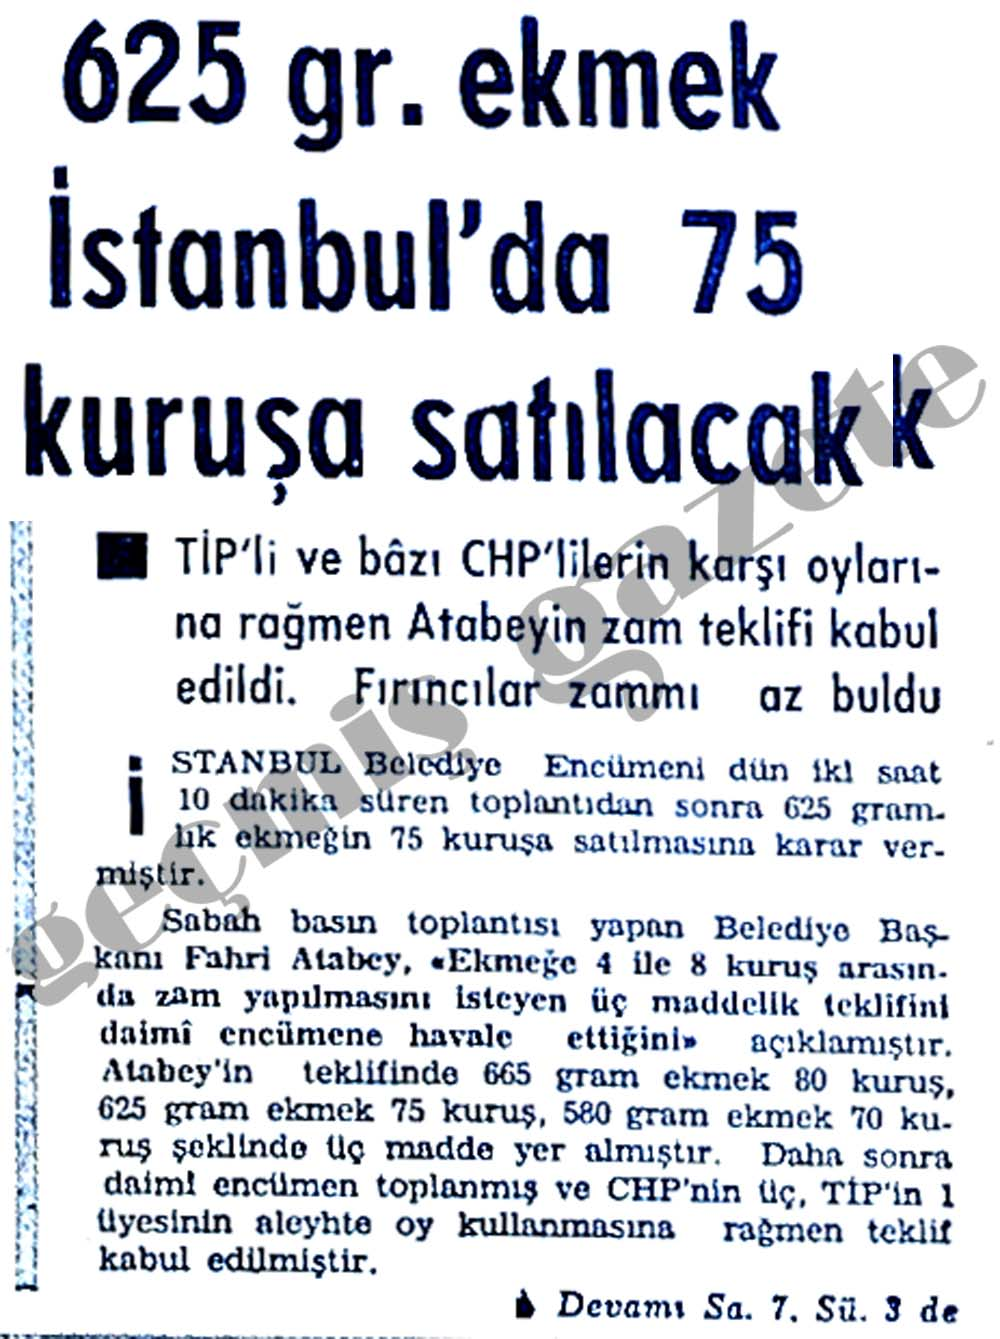 625 gr. ekmek İstanbul'da 75 kuruşa satılacak